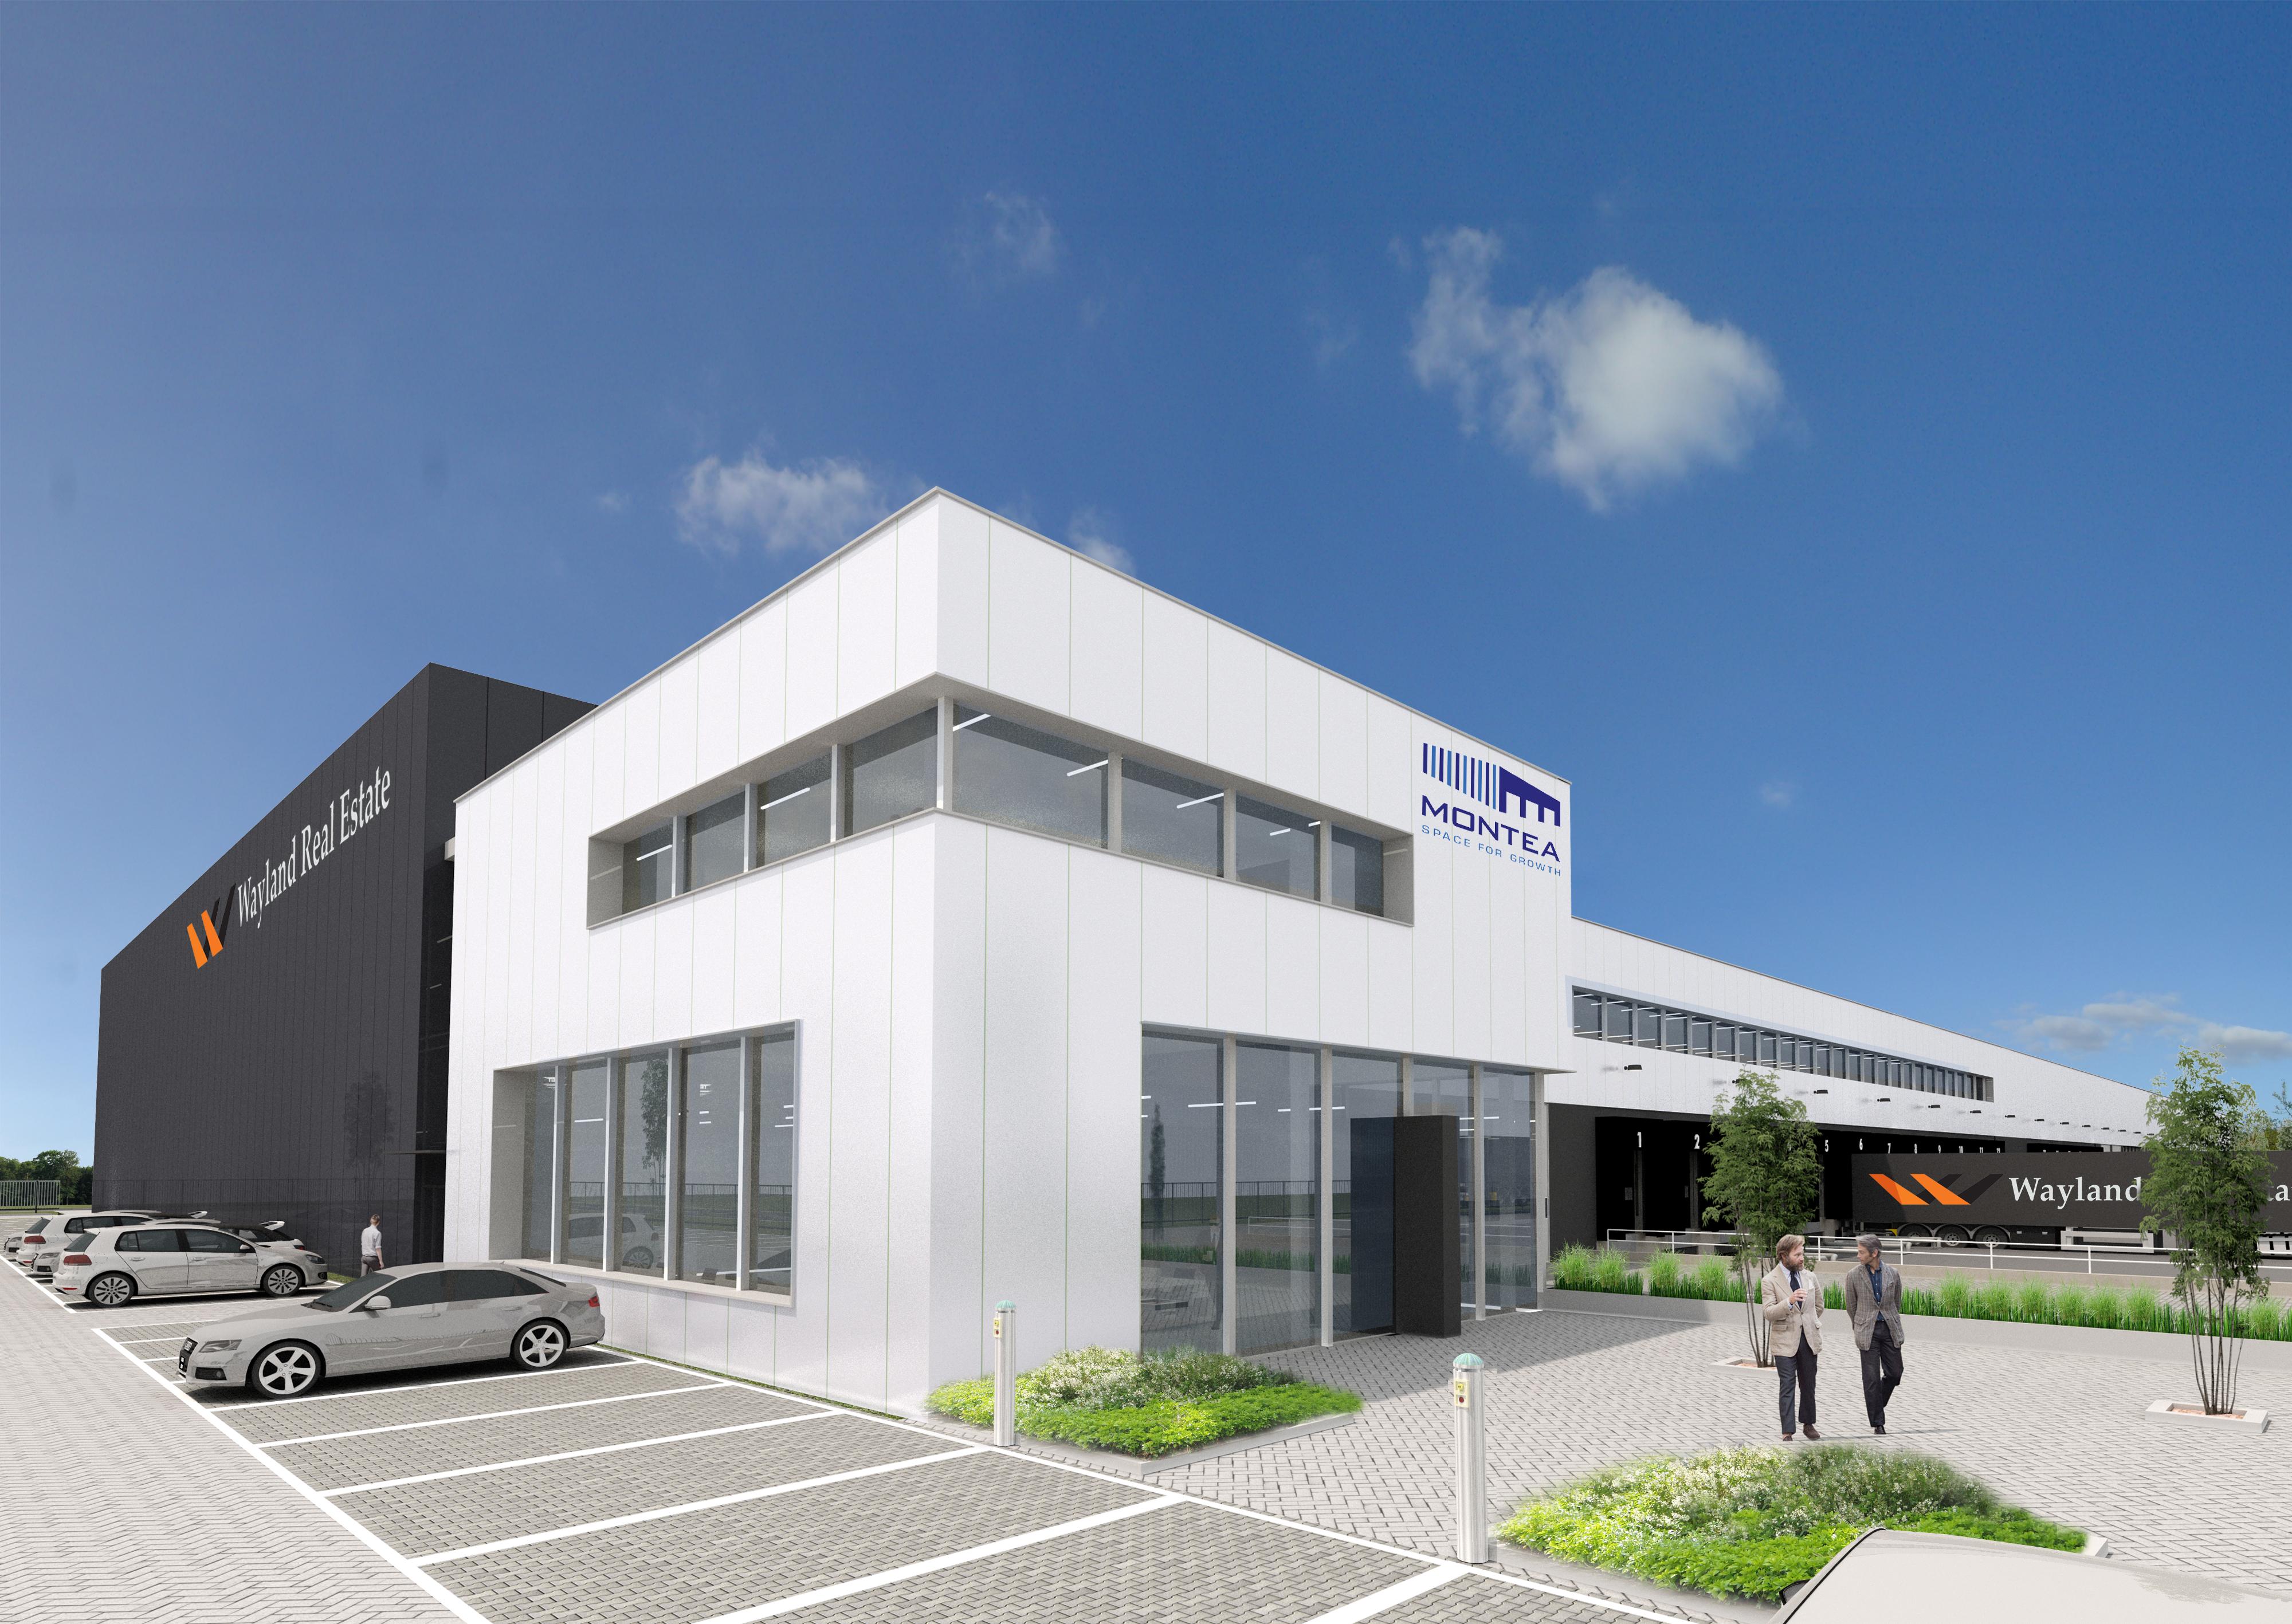 Wayland real estate en montea tekenen samenwerkingsovereenkomst logistiekpark a12 - Corridor ontwikkeling ...